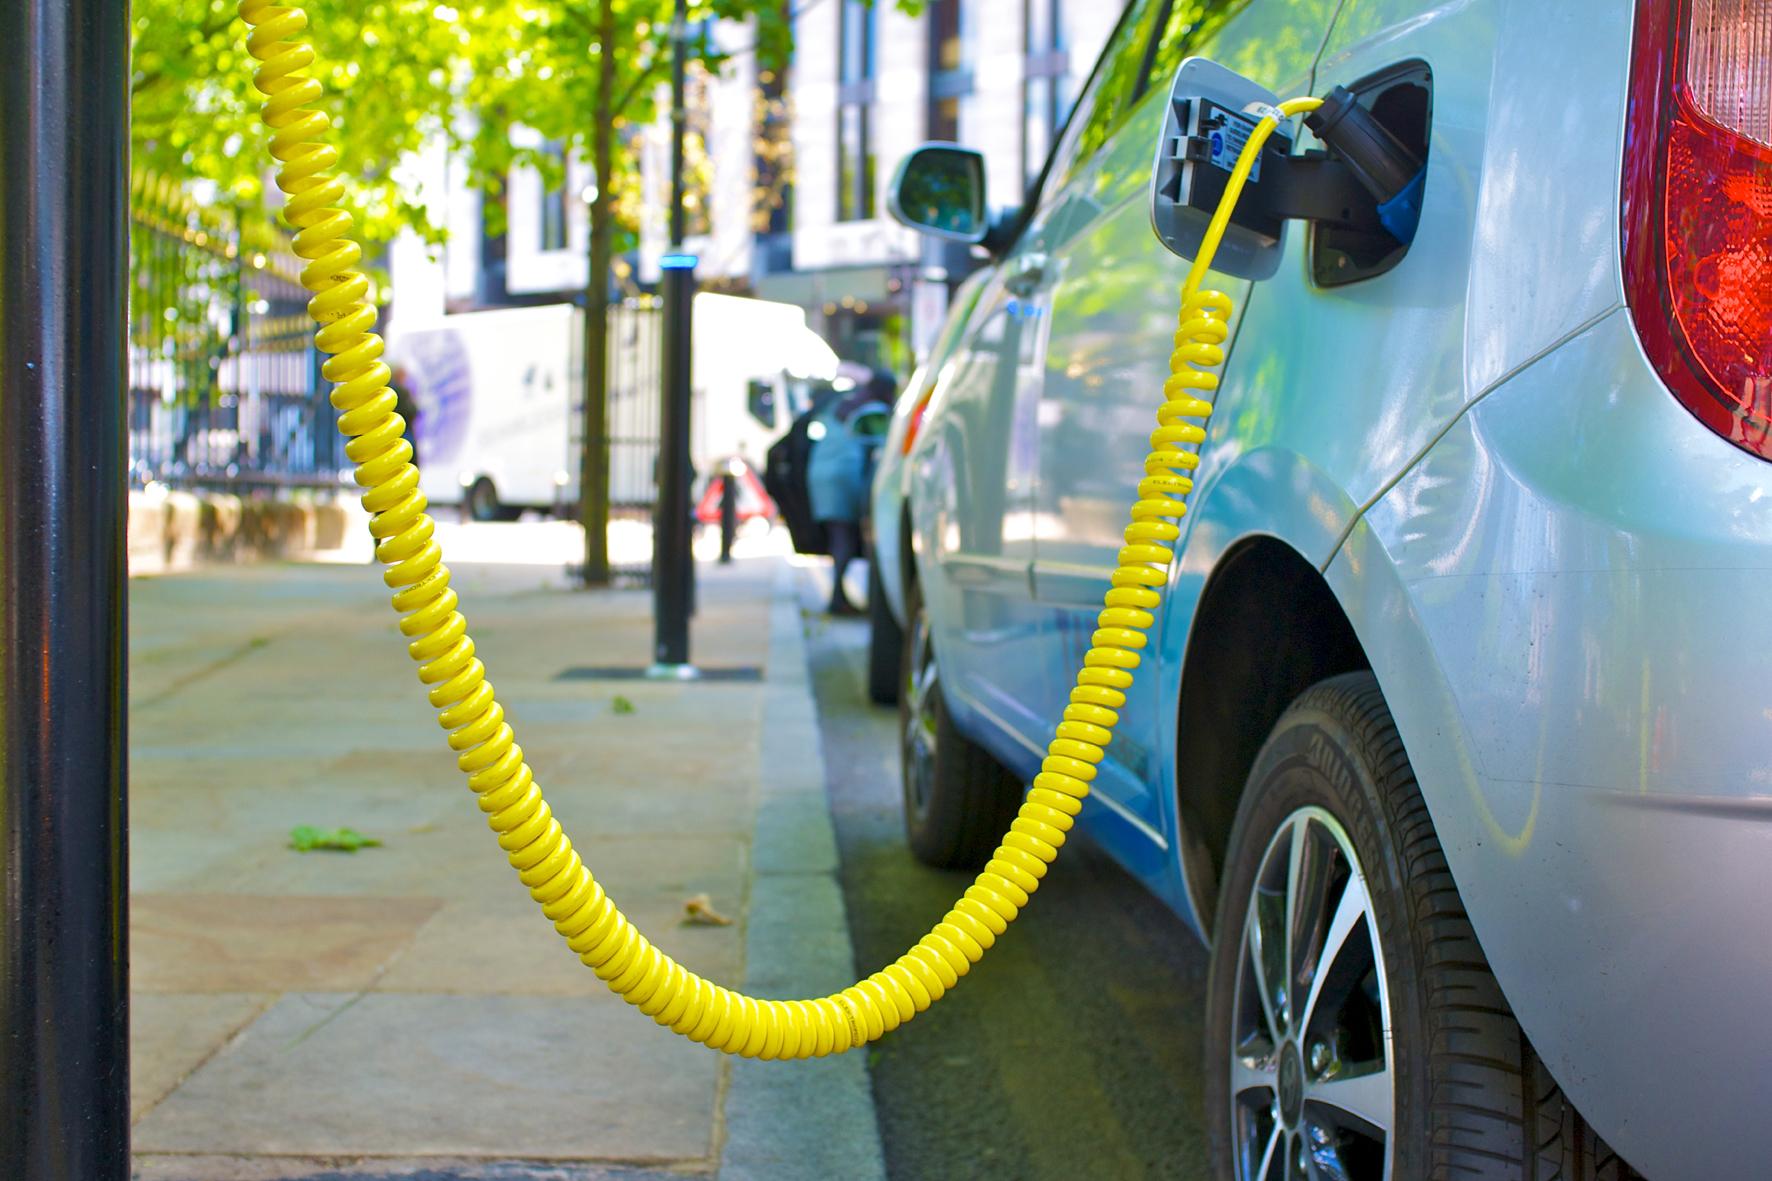 mid Düsseldorf - Voll im Saft: Ein neuartiges Material soll jetzt die Leistungsfähigkeit von Lithium-Ionen-Batterien für E-Autos um bis zu 40 Prozent erhöhen.